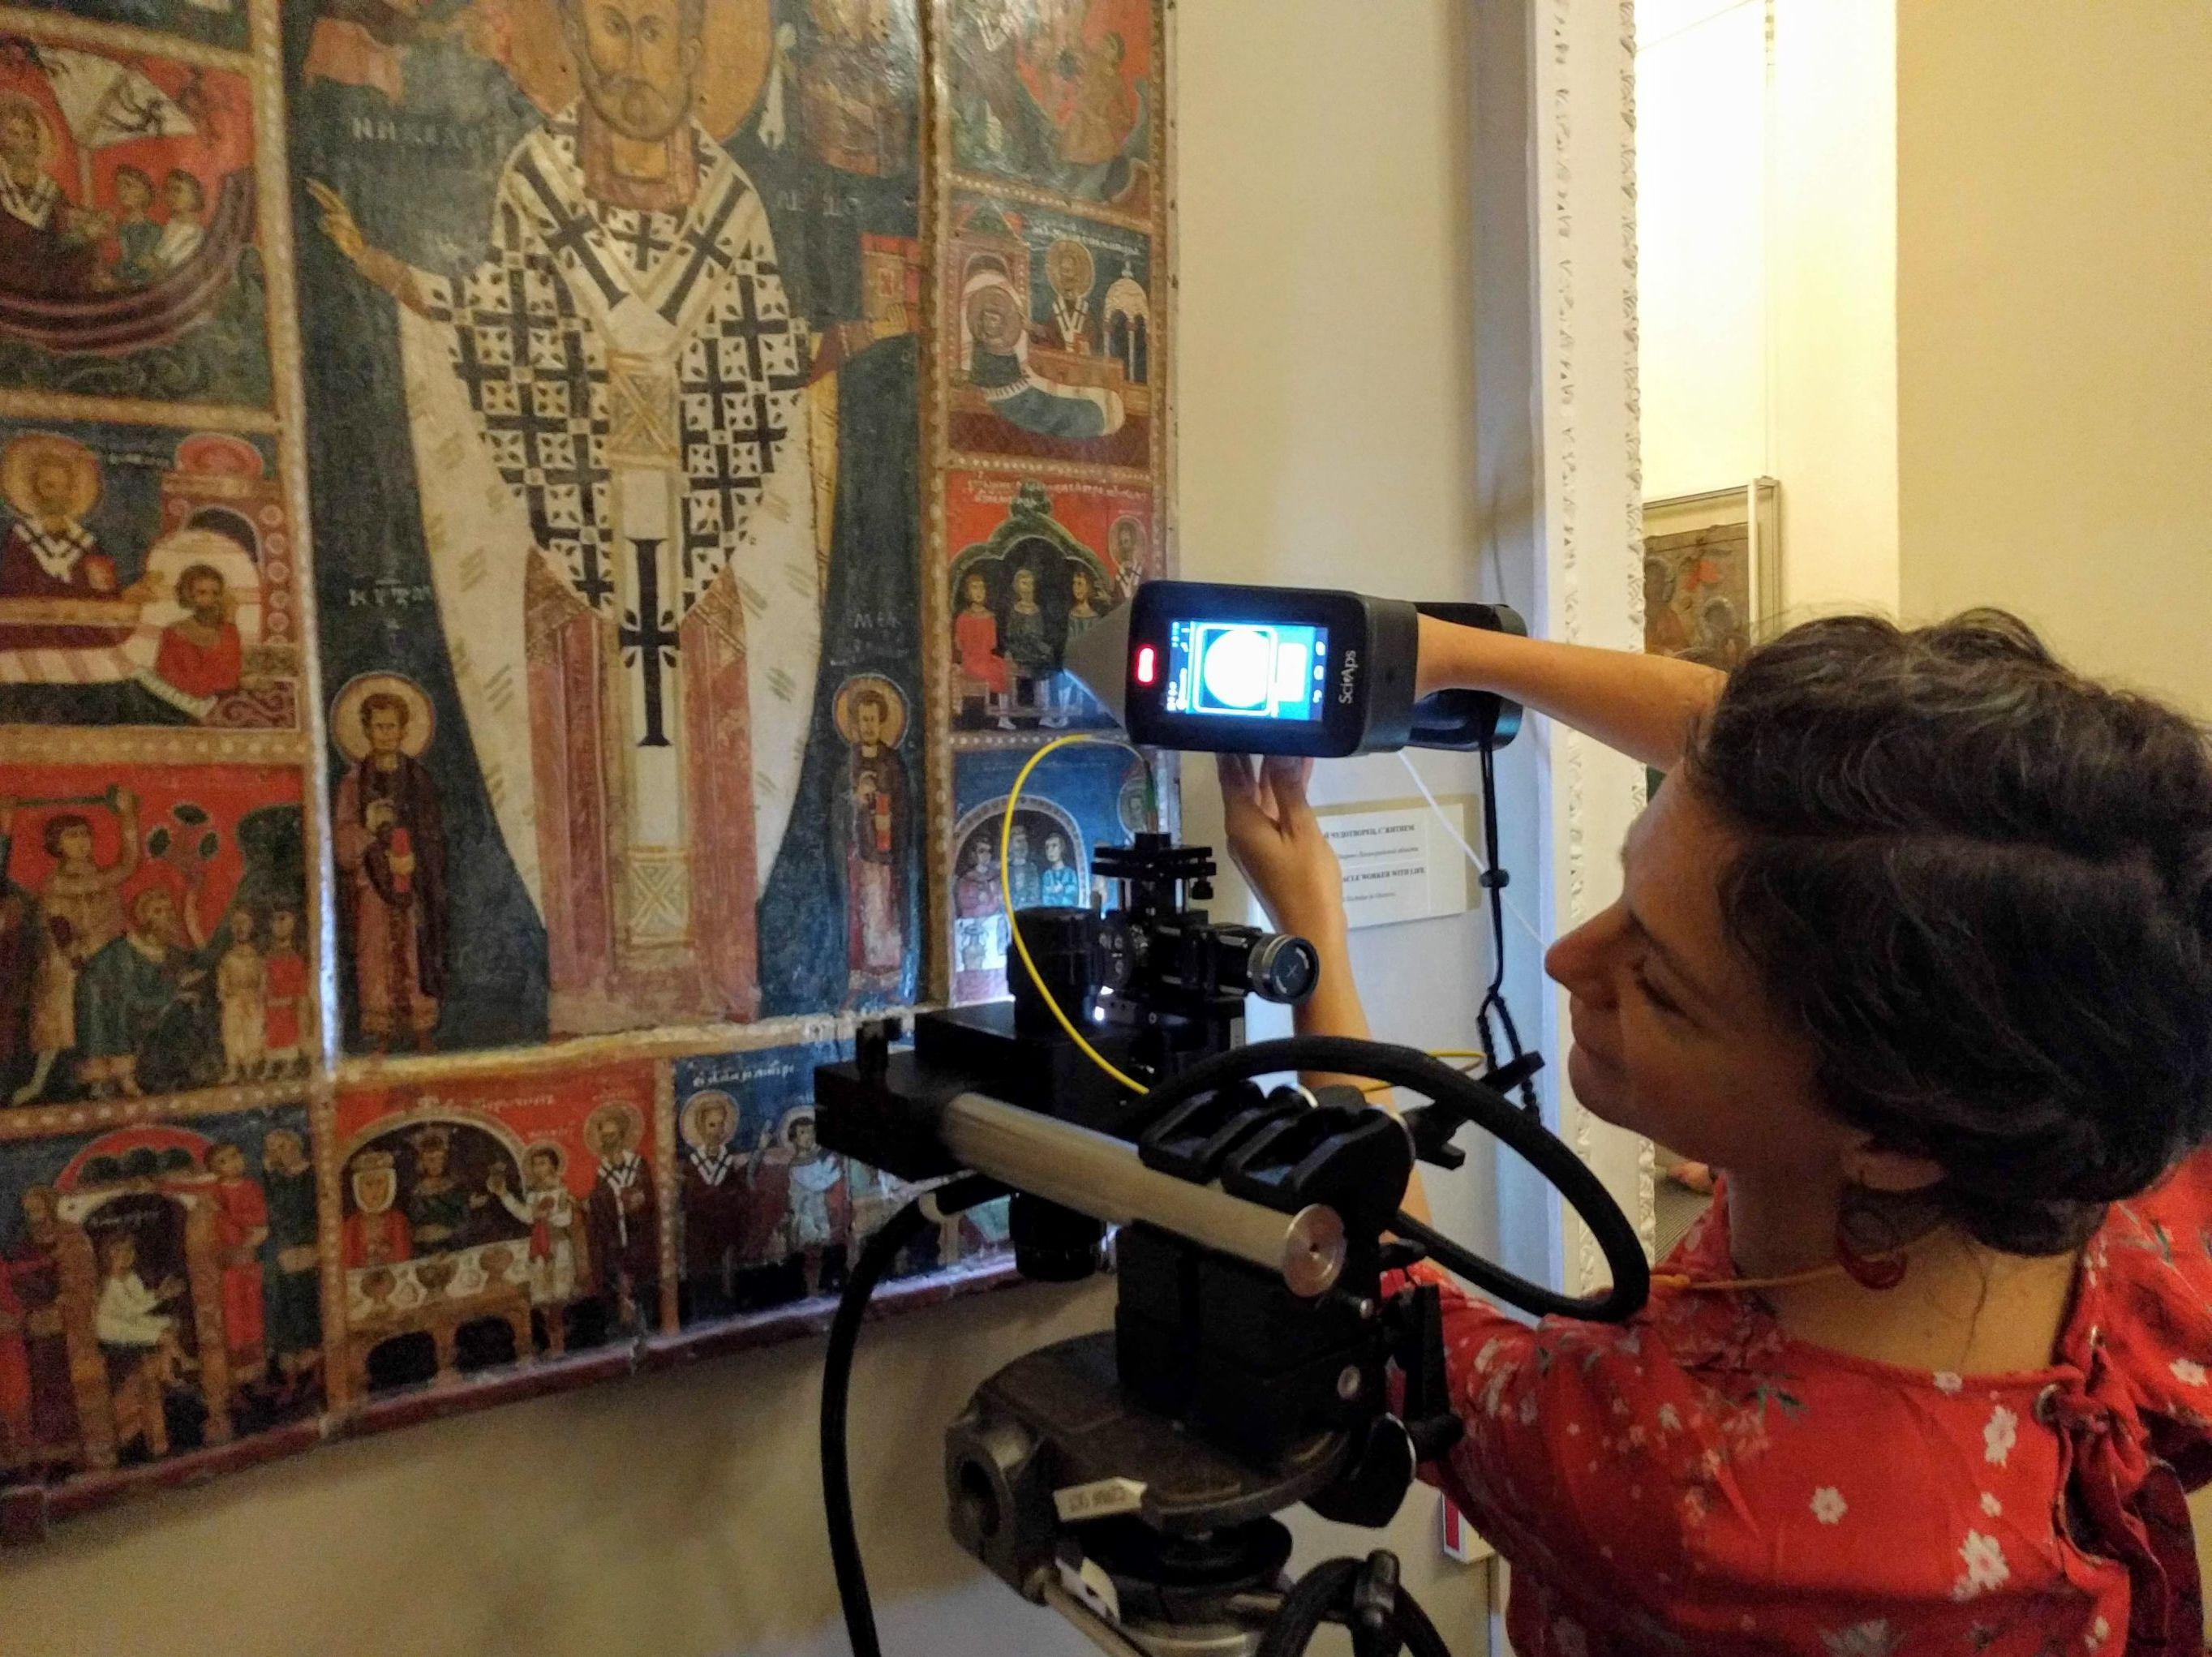 Stéphanie Duchêne analysant à l'aide du LIBS une icône du XIVe siècle de l'école de Novgorod (aujourd'hui conservée au Musée russe)